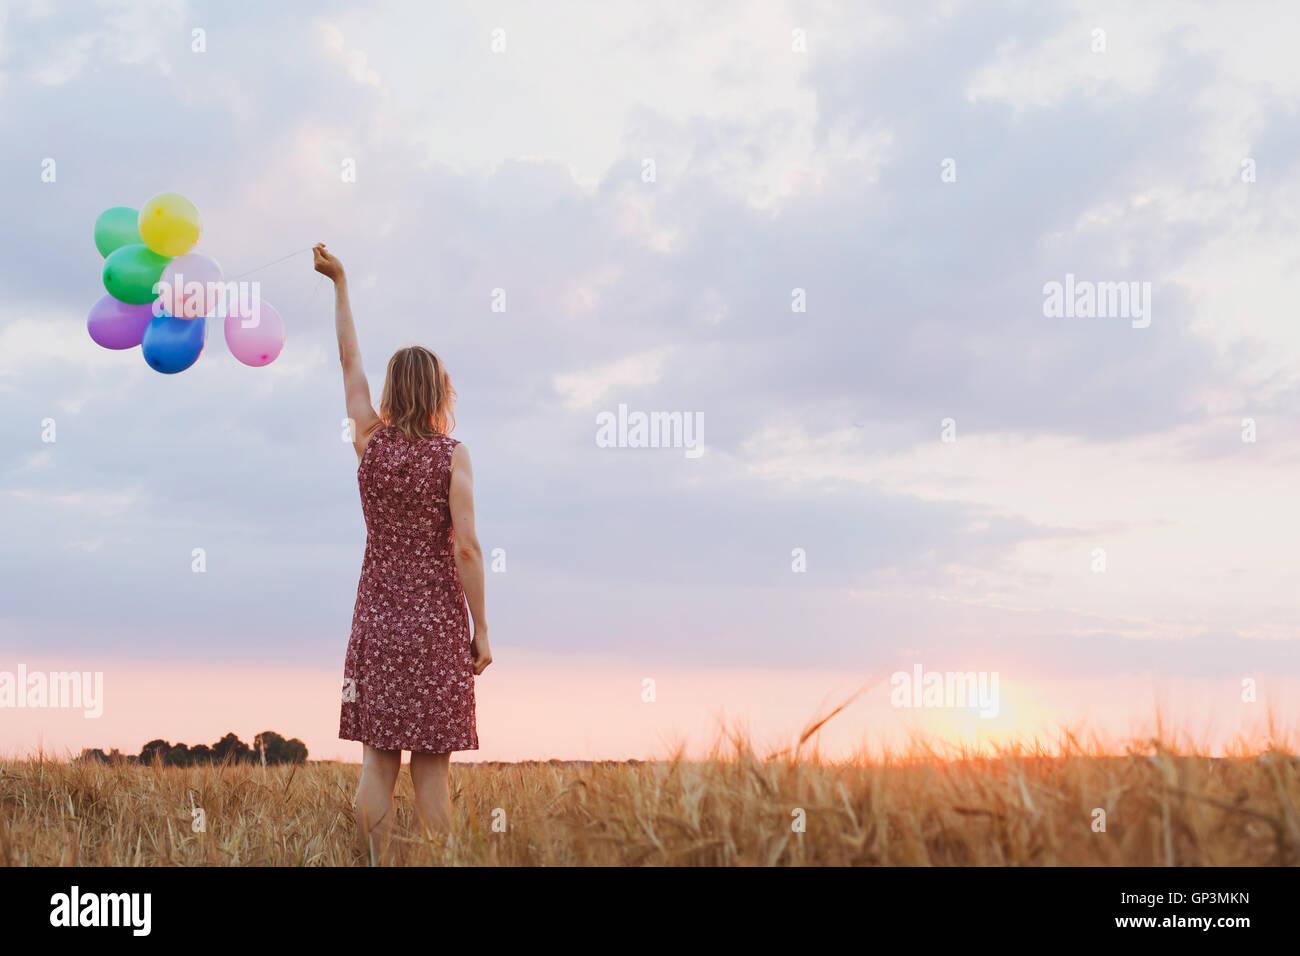 hoffe, Konzept, Emotionen und Gefühle, Frau mit bunten Luftballons im Feld Hintergrund Stockbild